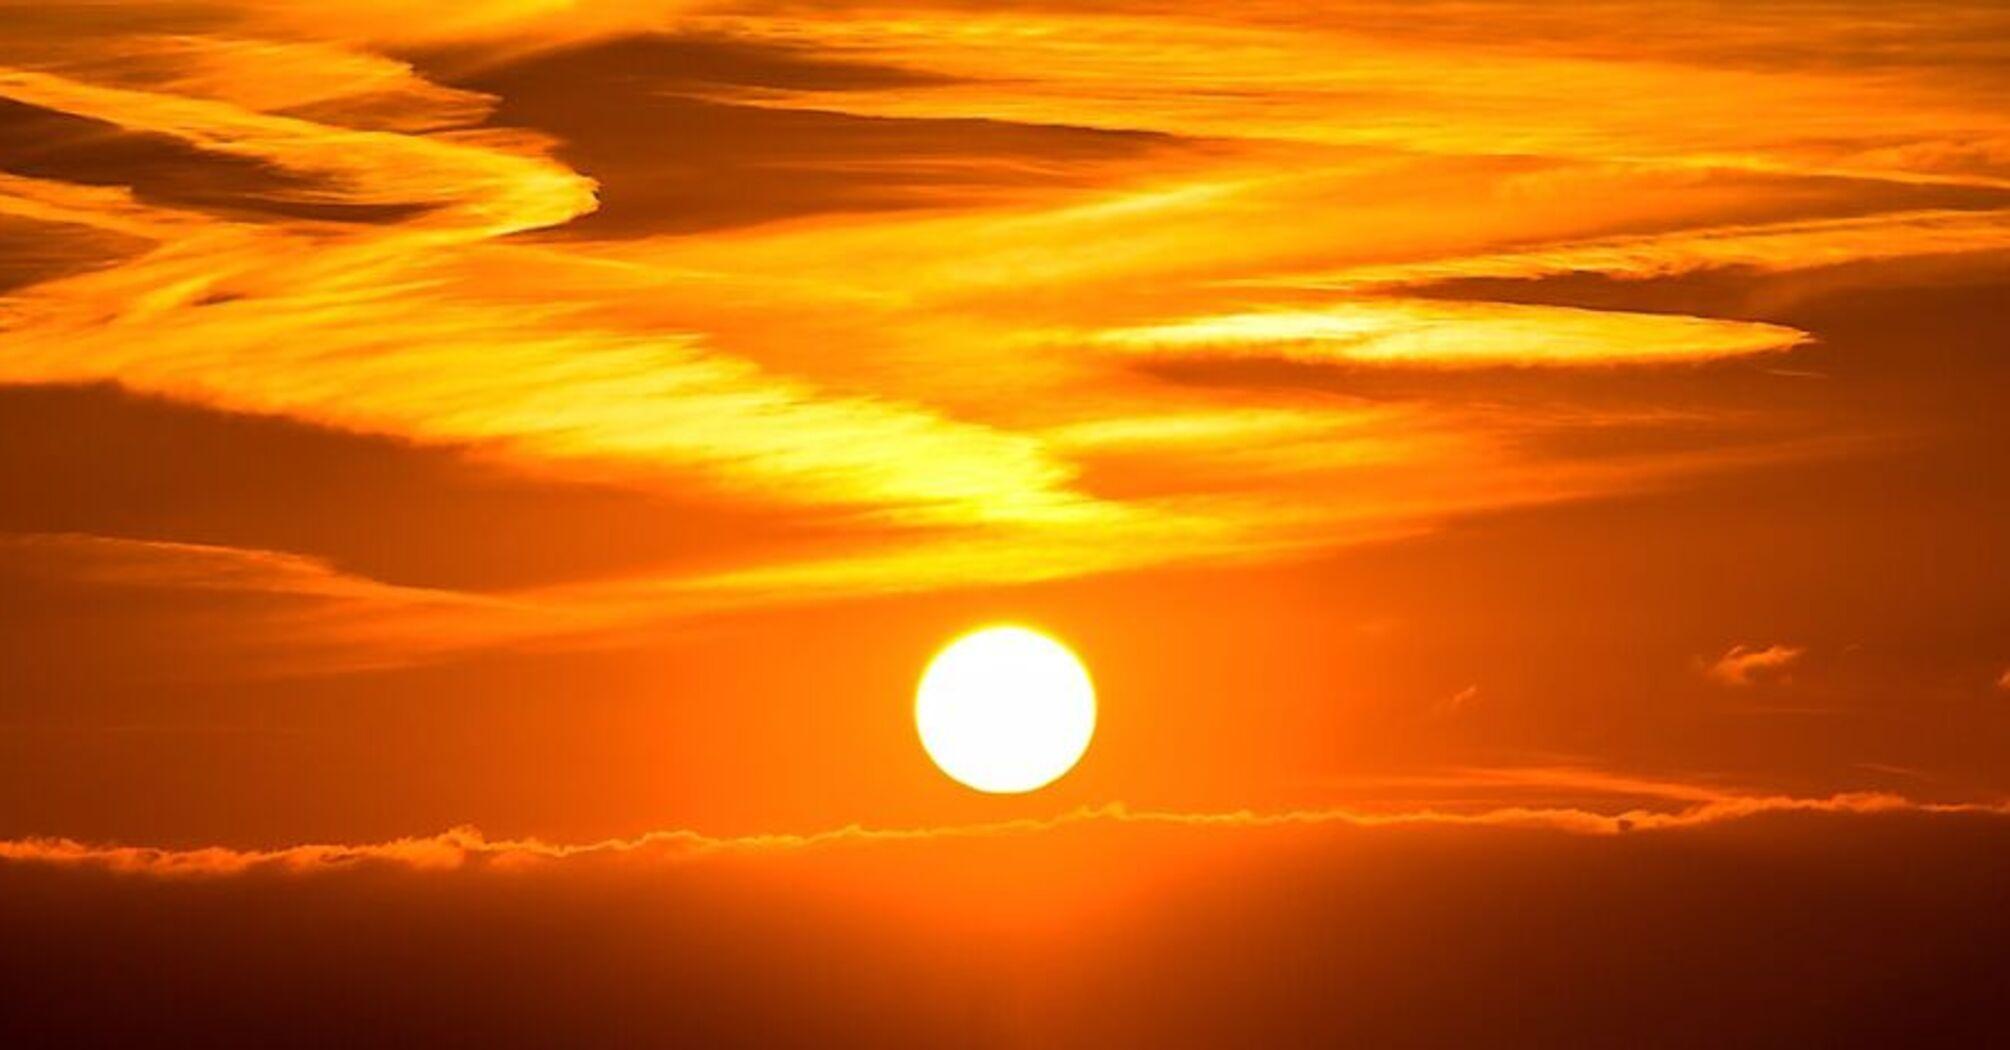 Солнце вступило в новый 11-летний цикл: что ждет человечество